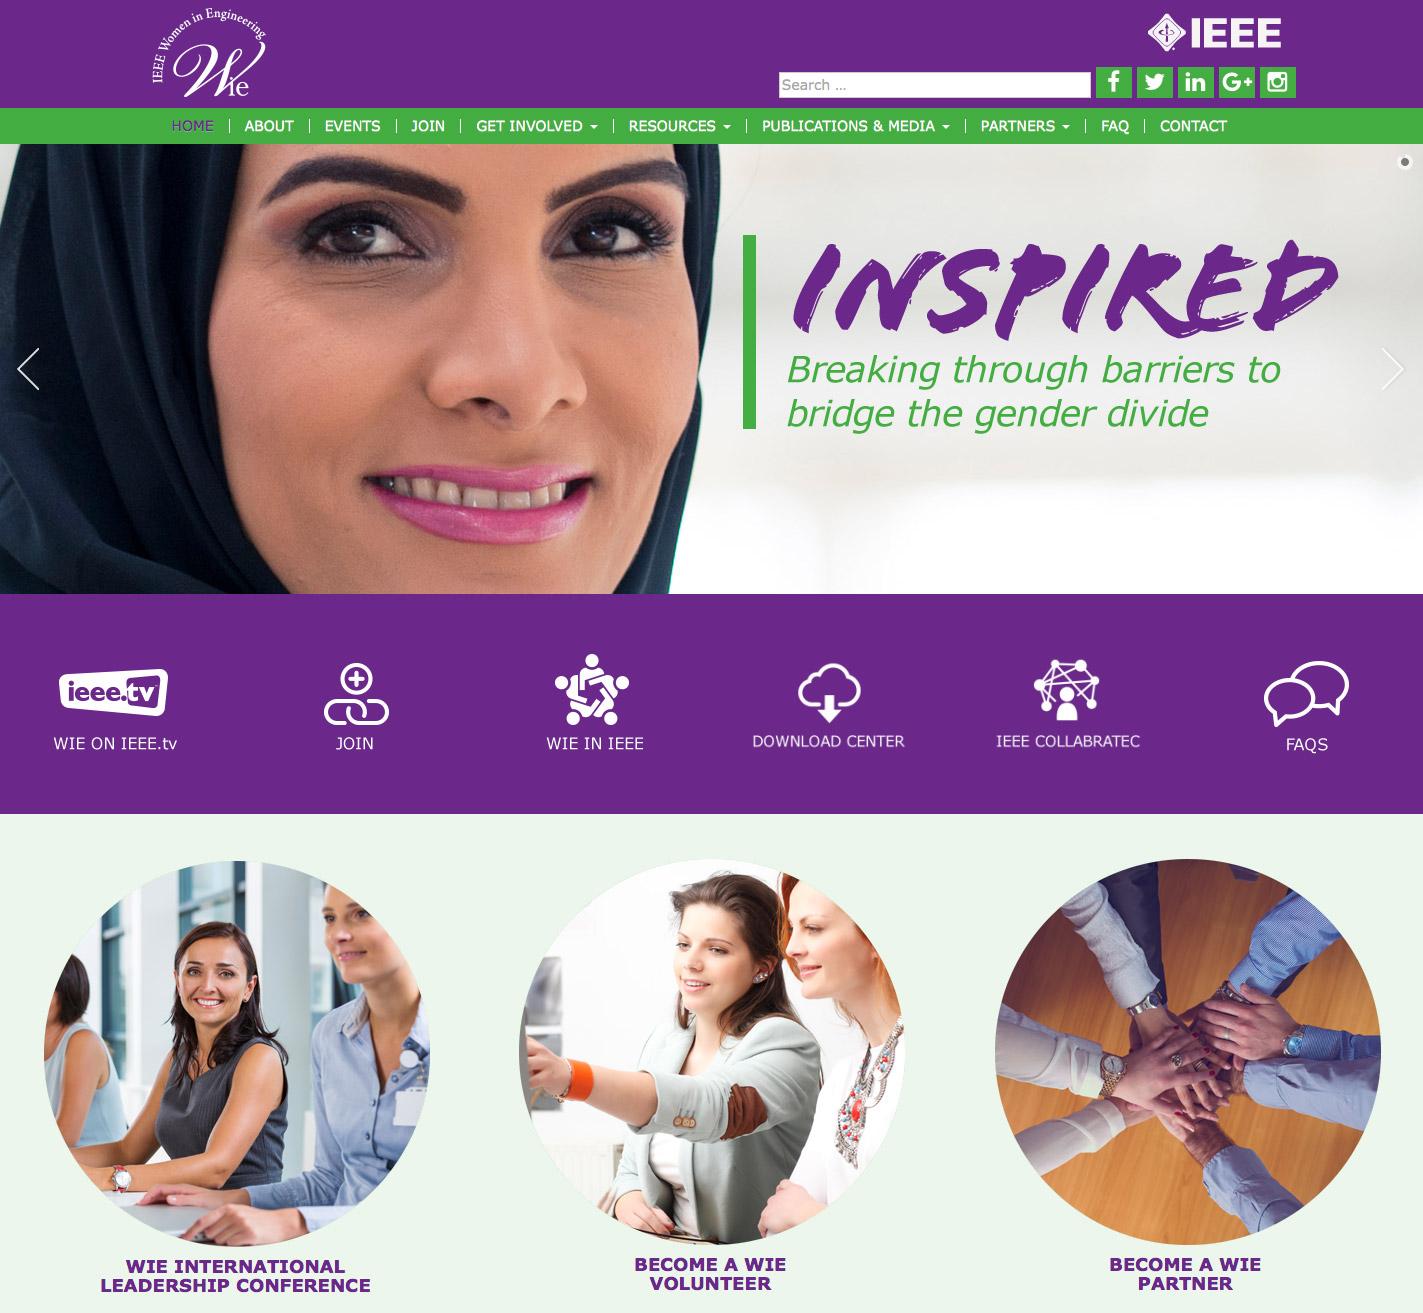 IEEE-wie